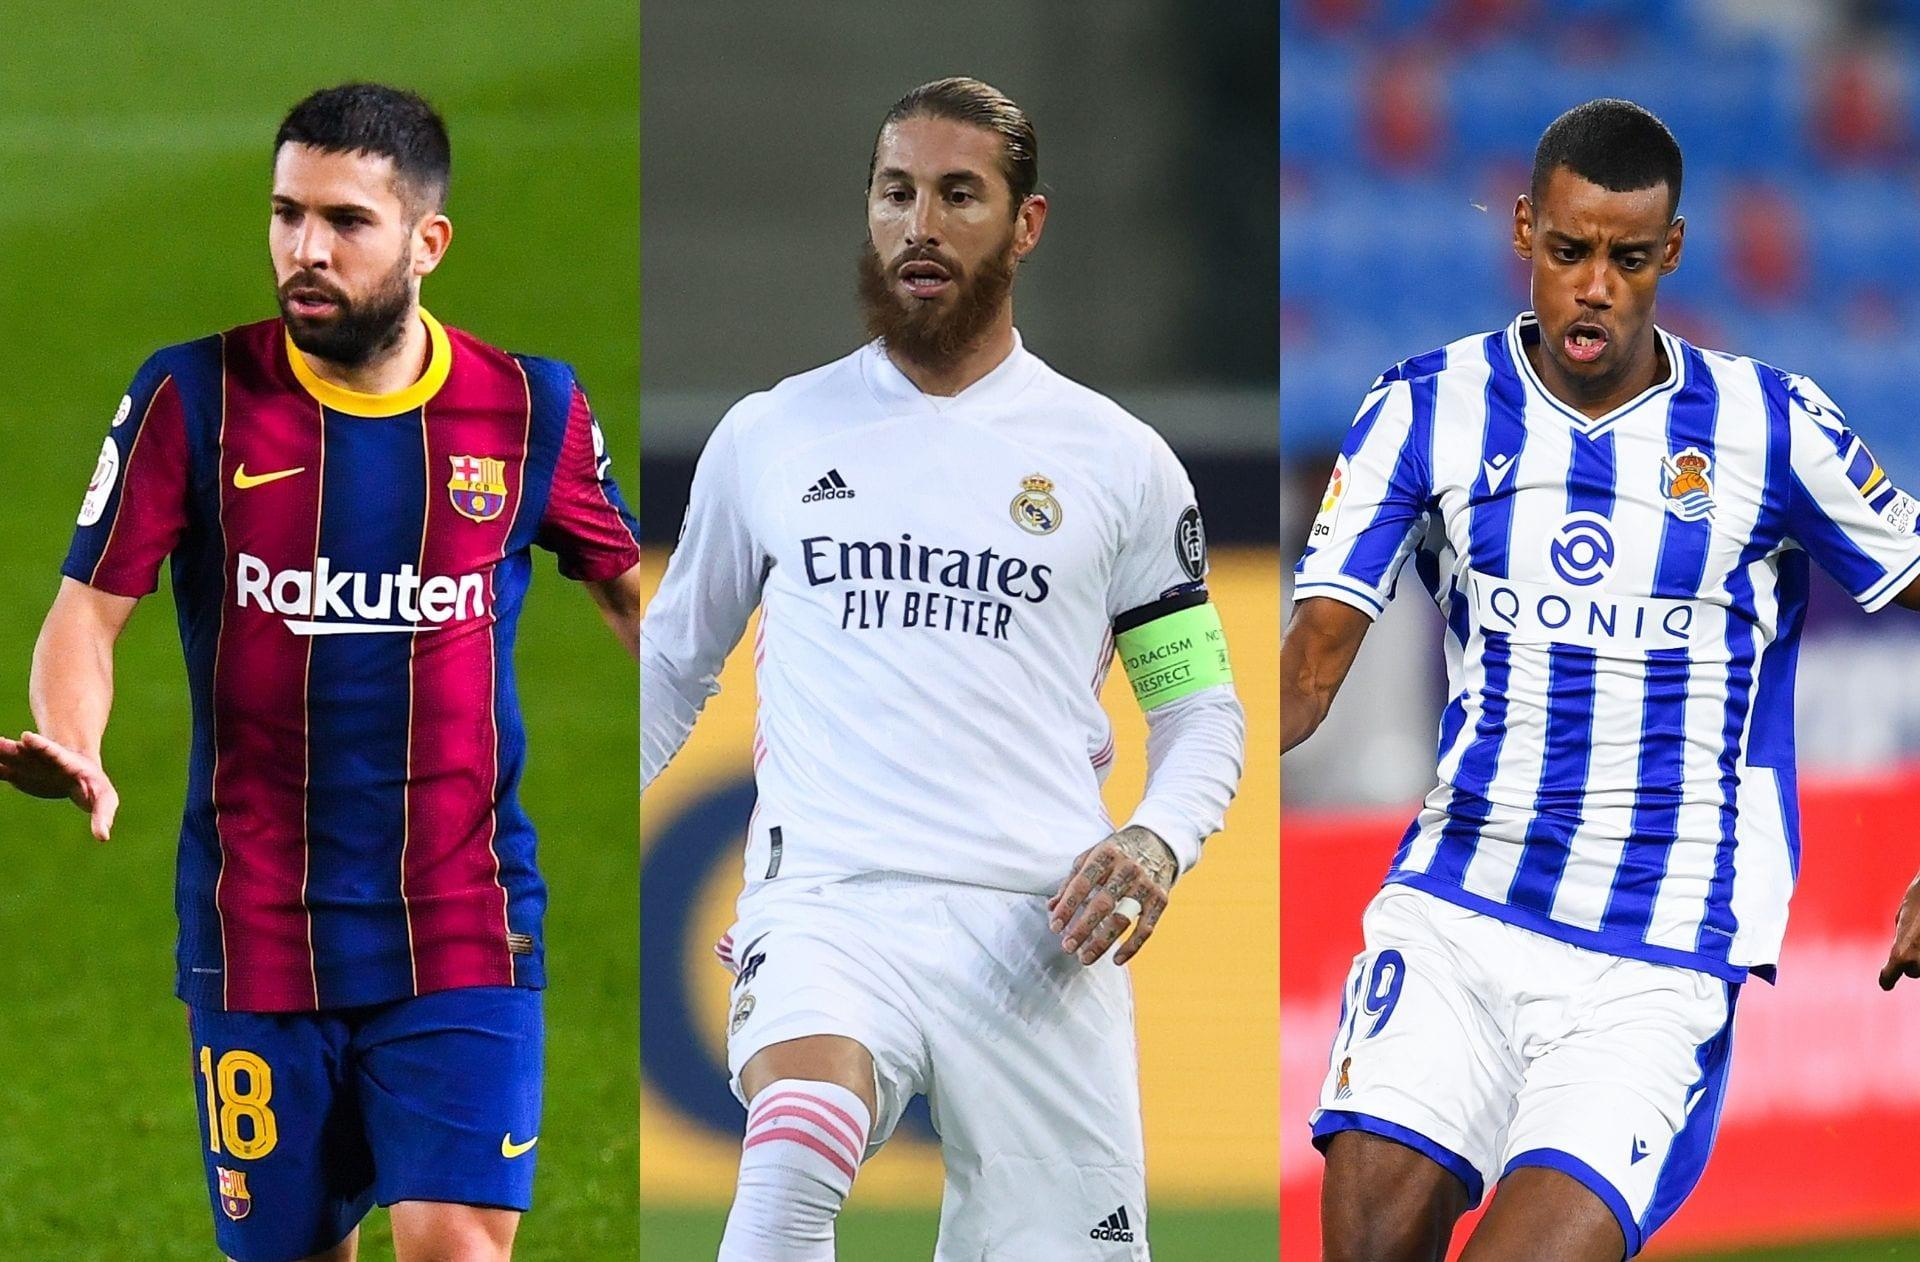 Jordi Alba of FC Barcelona, Sergio Ramos, Alexander Isak of Real Sociedad